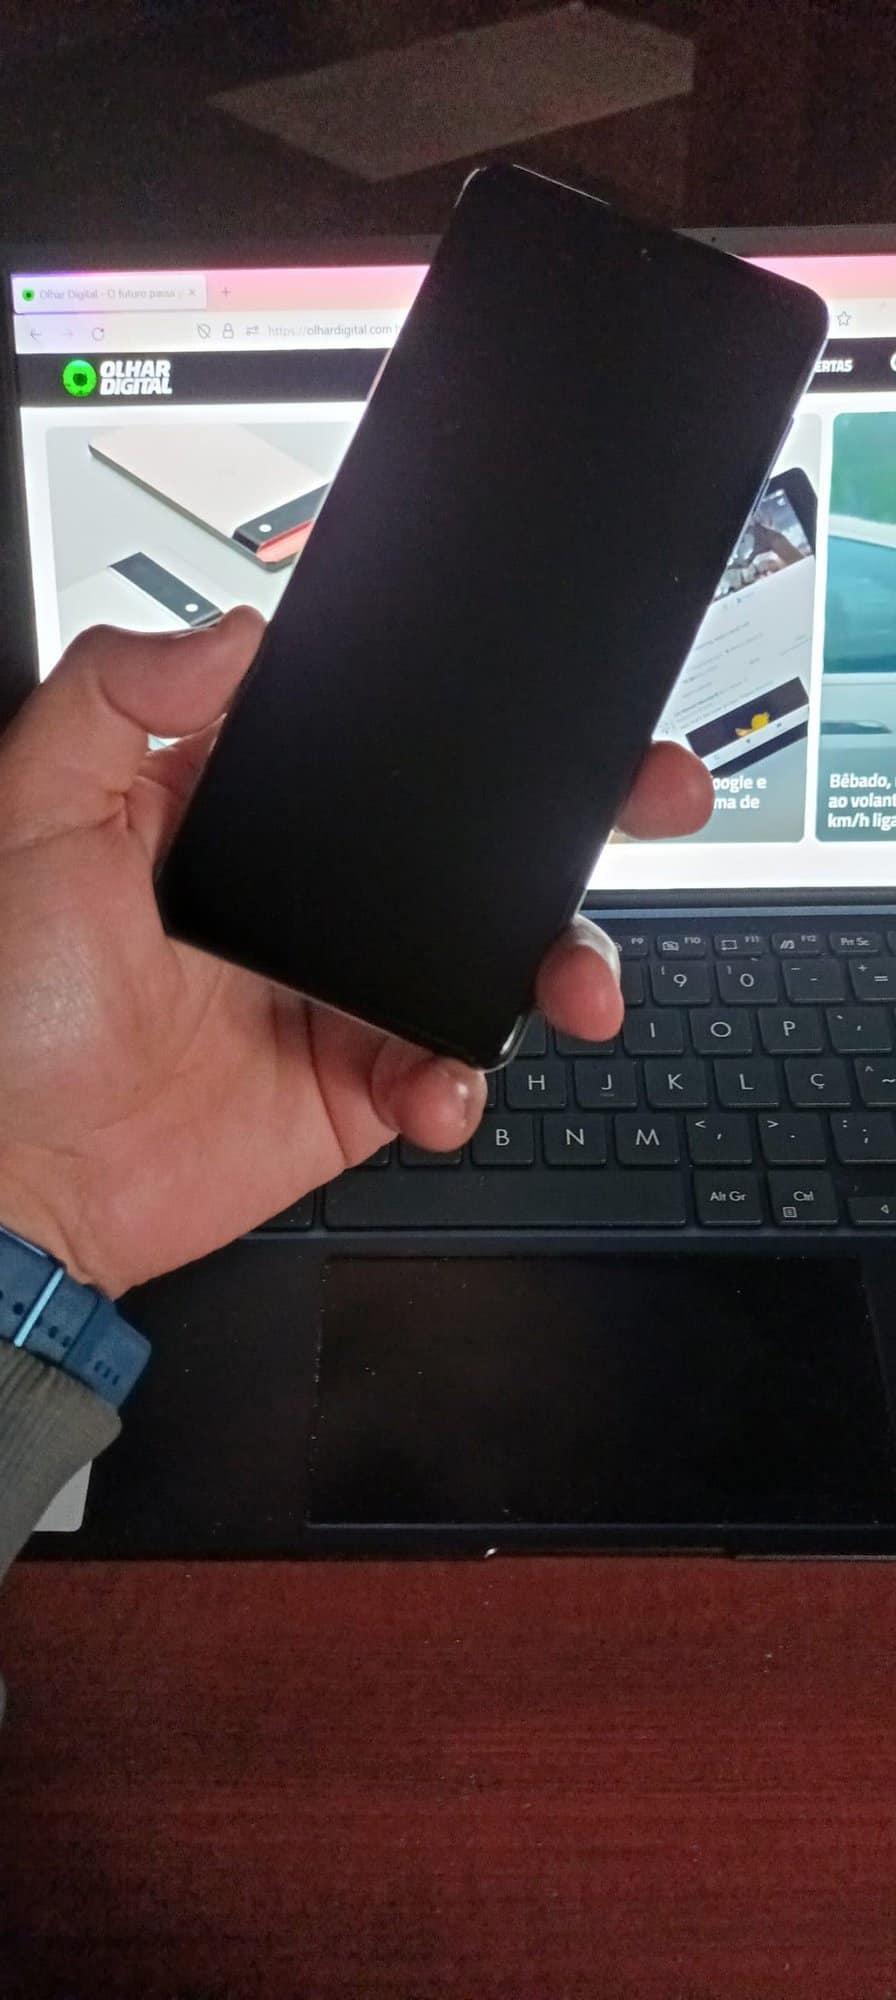 Imagem mostra a tela da frente do Galaxy M62, sendo segurado por uma mão e um notebook exibindo a página inicial do Olhar Digital ao fundo. Samsung lançou o Galaxy M32 e o Galaxy M62 no varejo online brasileiro em 2 de agosto